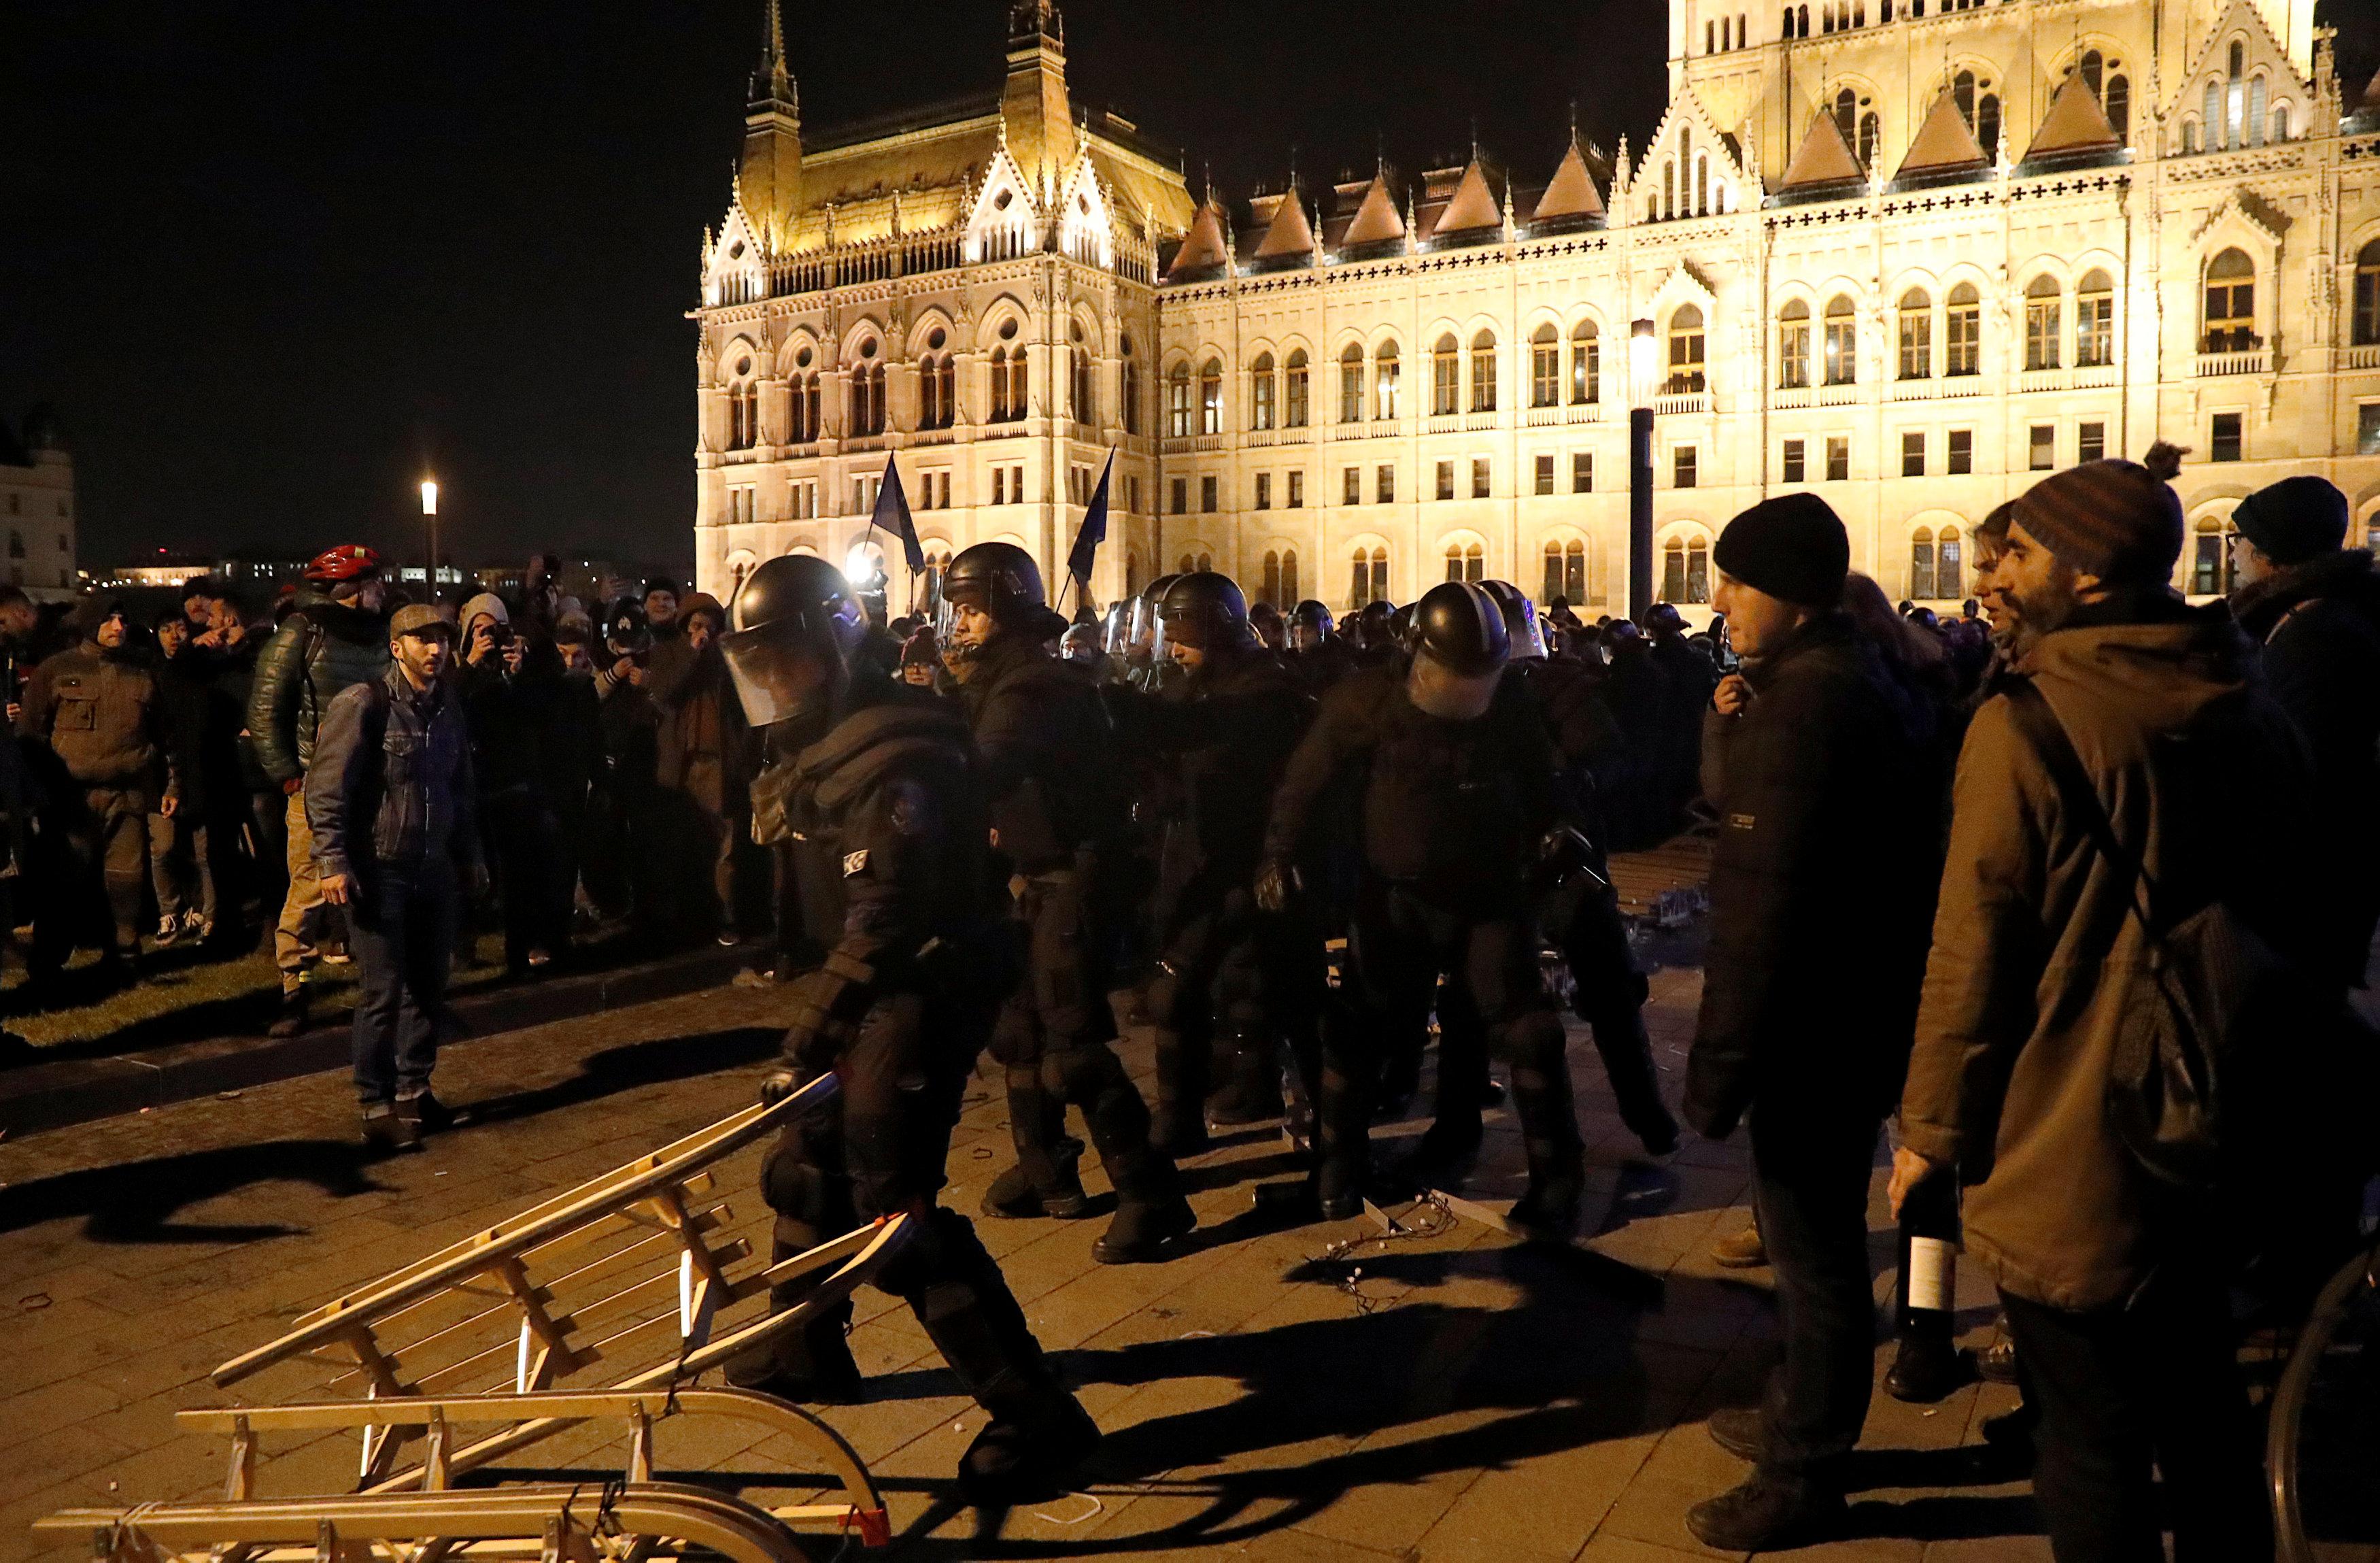 احتجاجات فى المجر ضد قانون العمل الجديد (6)